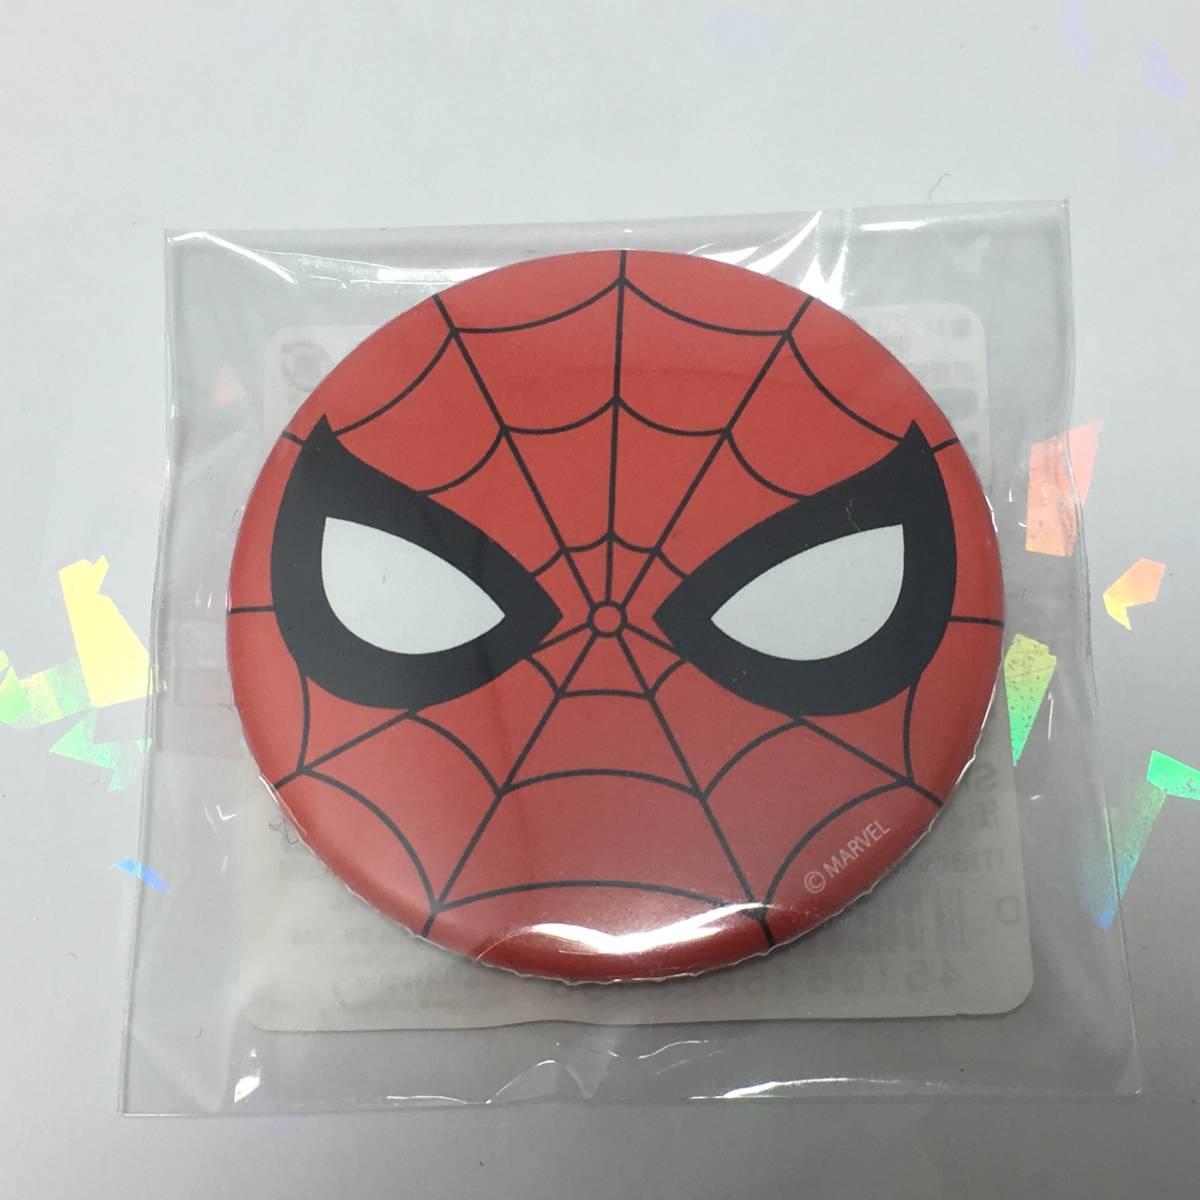 即決!! MARVEL スパイダーマン ホームカミング 缶バッジ      ( SPIDER MAN マーベル アメコミ USJ 缶バッチ ピンズ コミコン_画像1